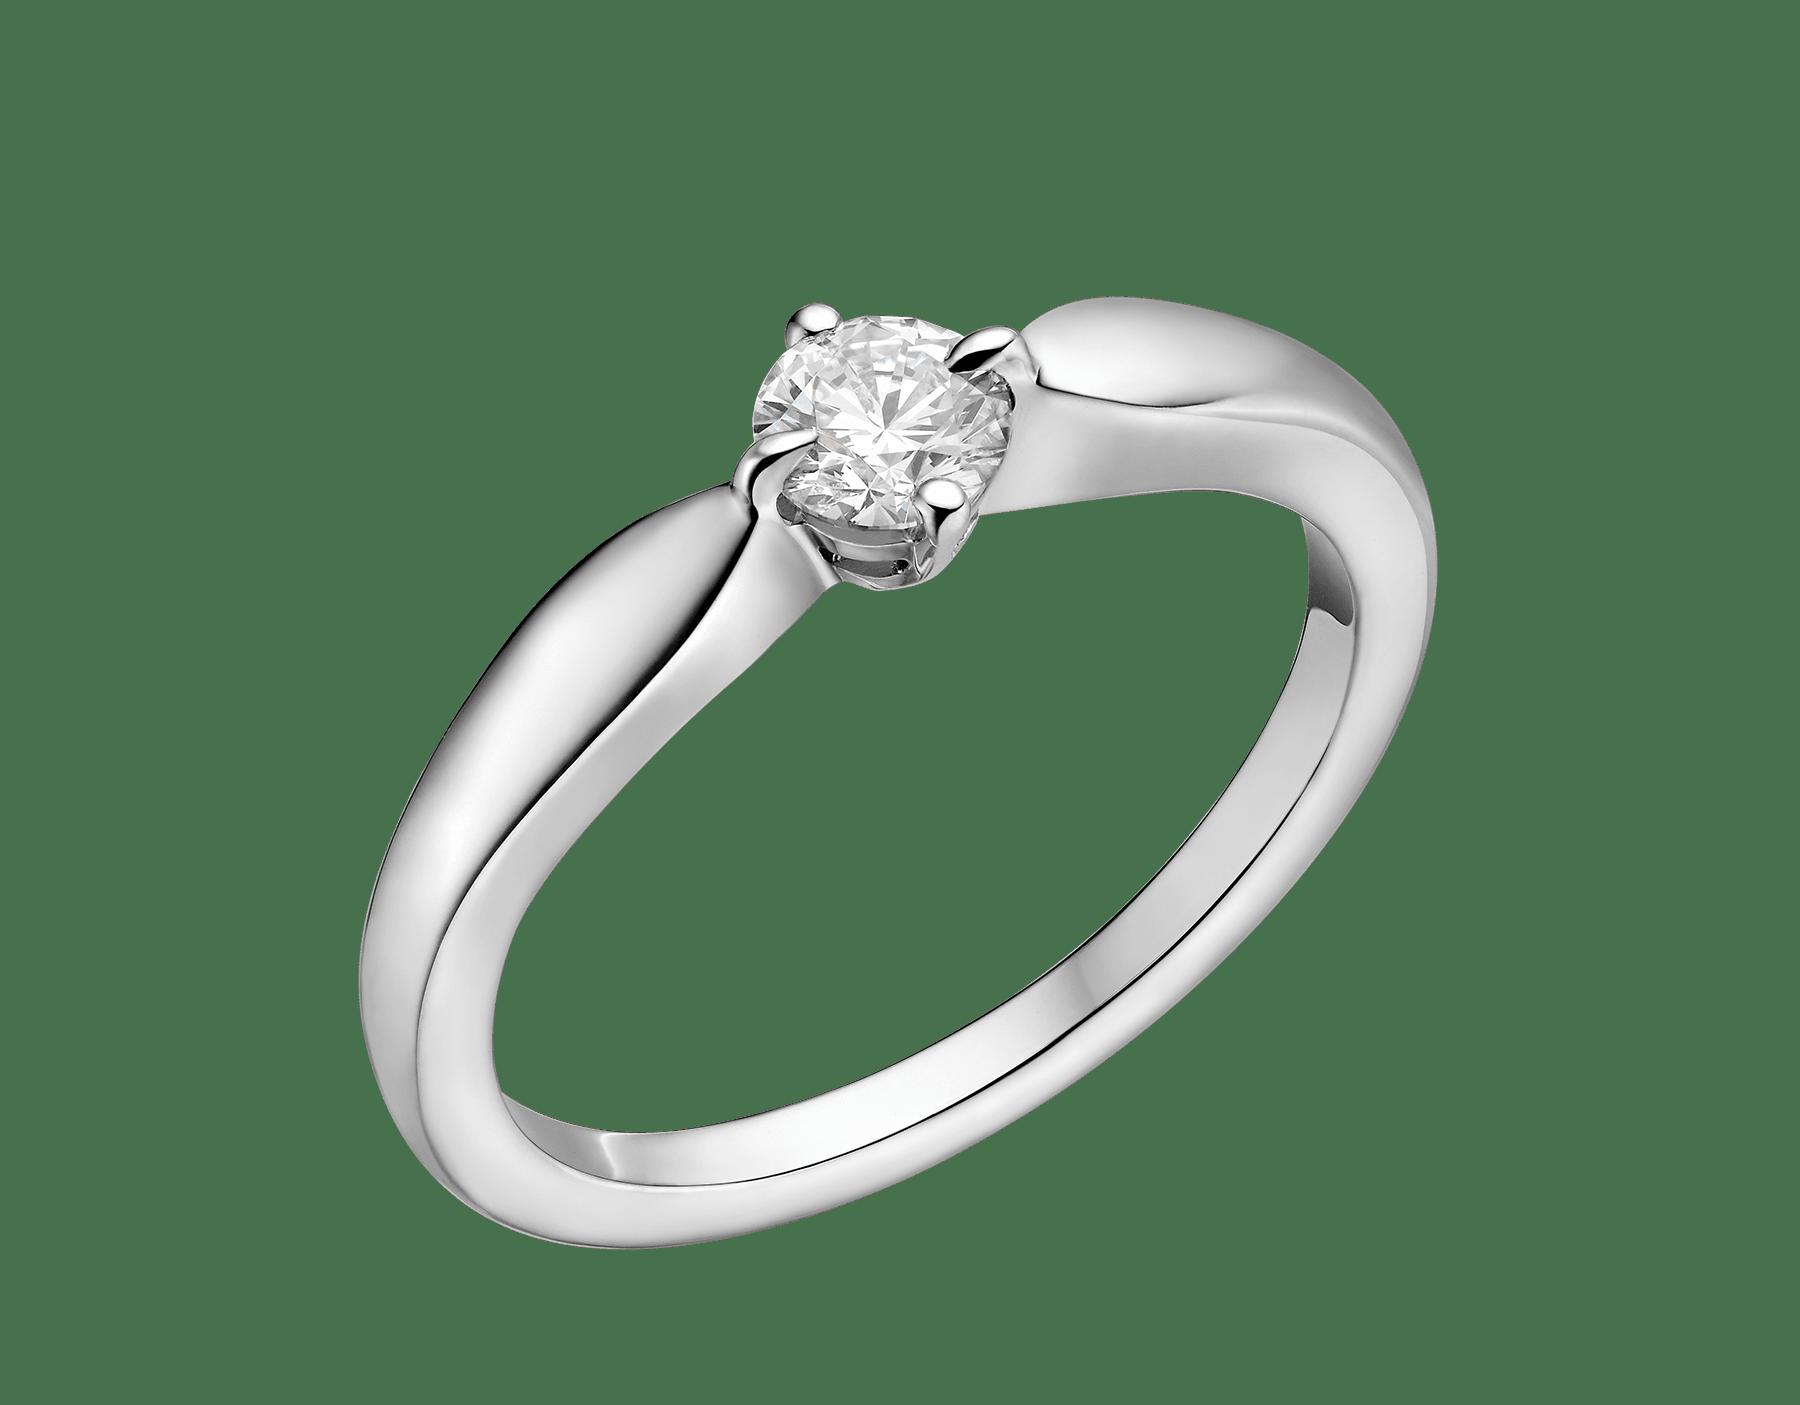 Dedicata a Venezia : Solitaire Torcello en platine avec diamant rond taille brillant. Disponible à partir de 0,3 carat. Sa monture galbée enlace parfaitement le diamant. Son nom provient de l'île vénitienne de Torcello. 344114 image 1